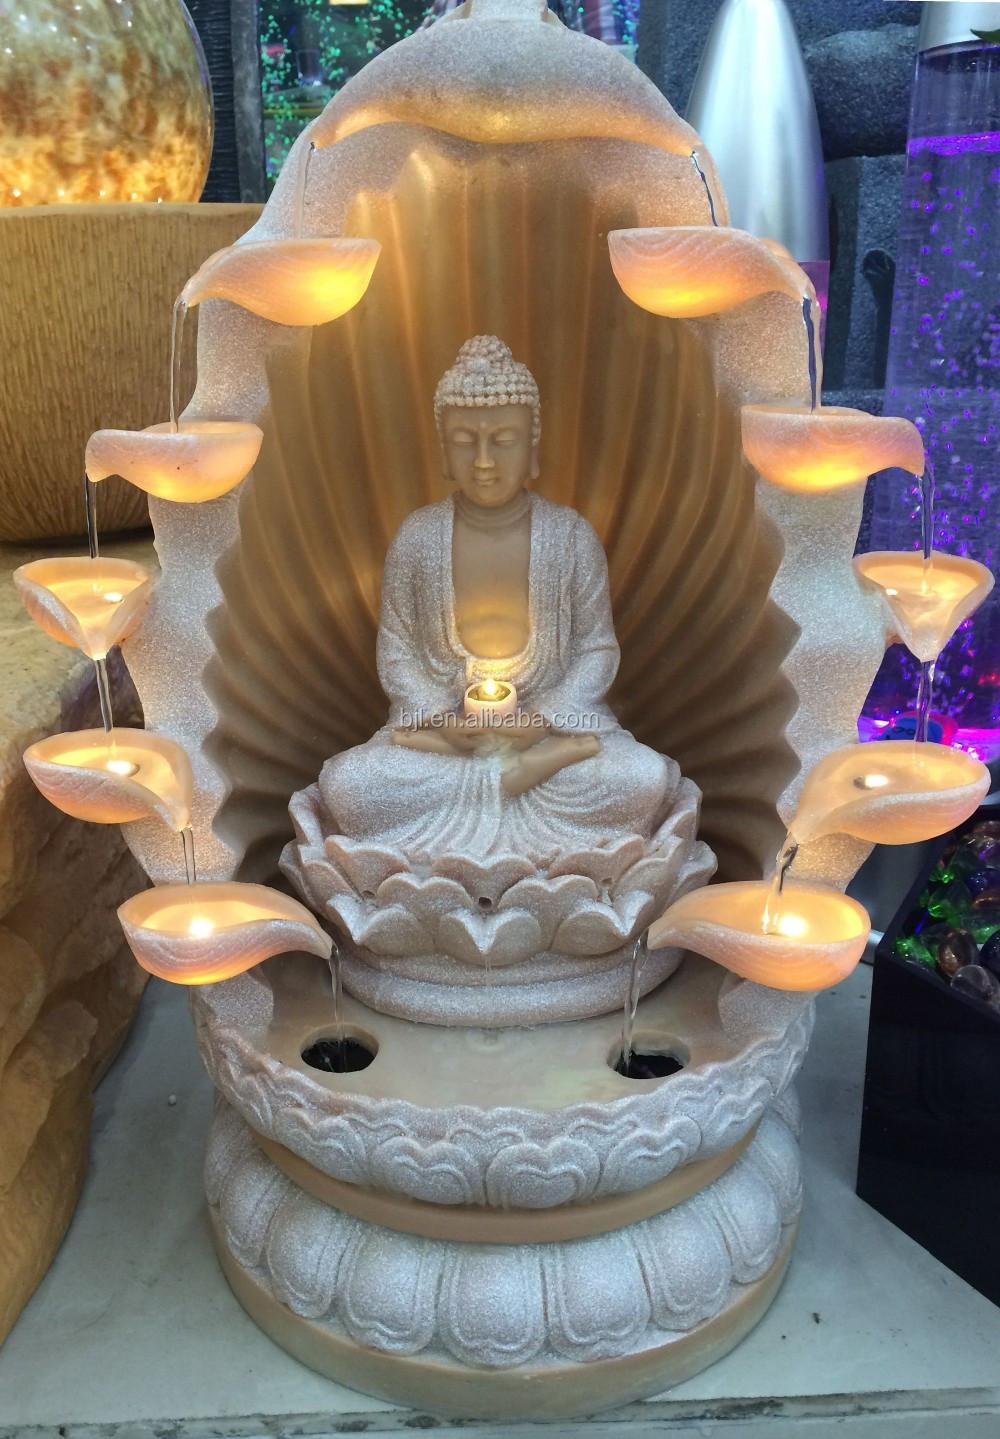 fontaine dintrieur sculpture led lumire table religion bouddha mini fontaine deau